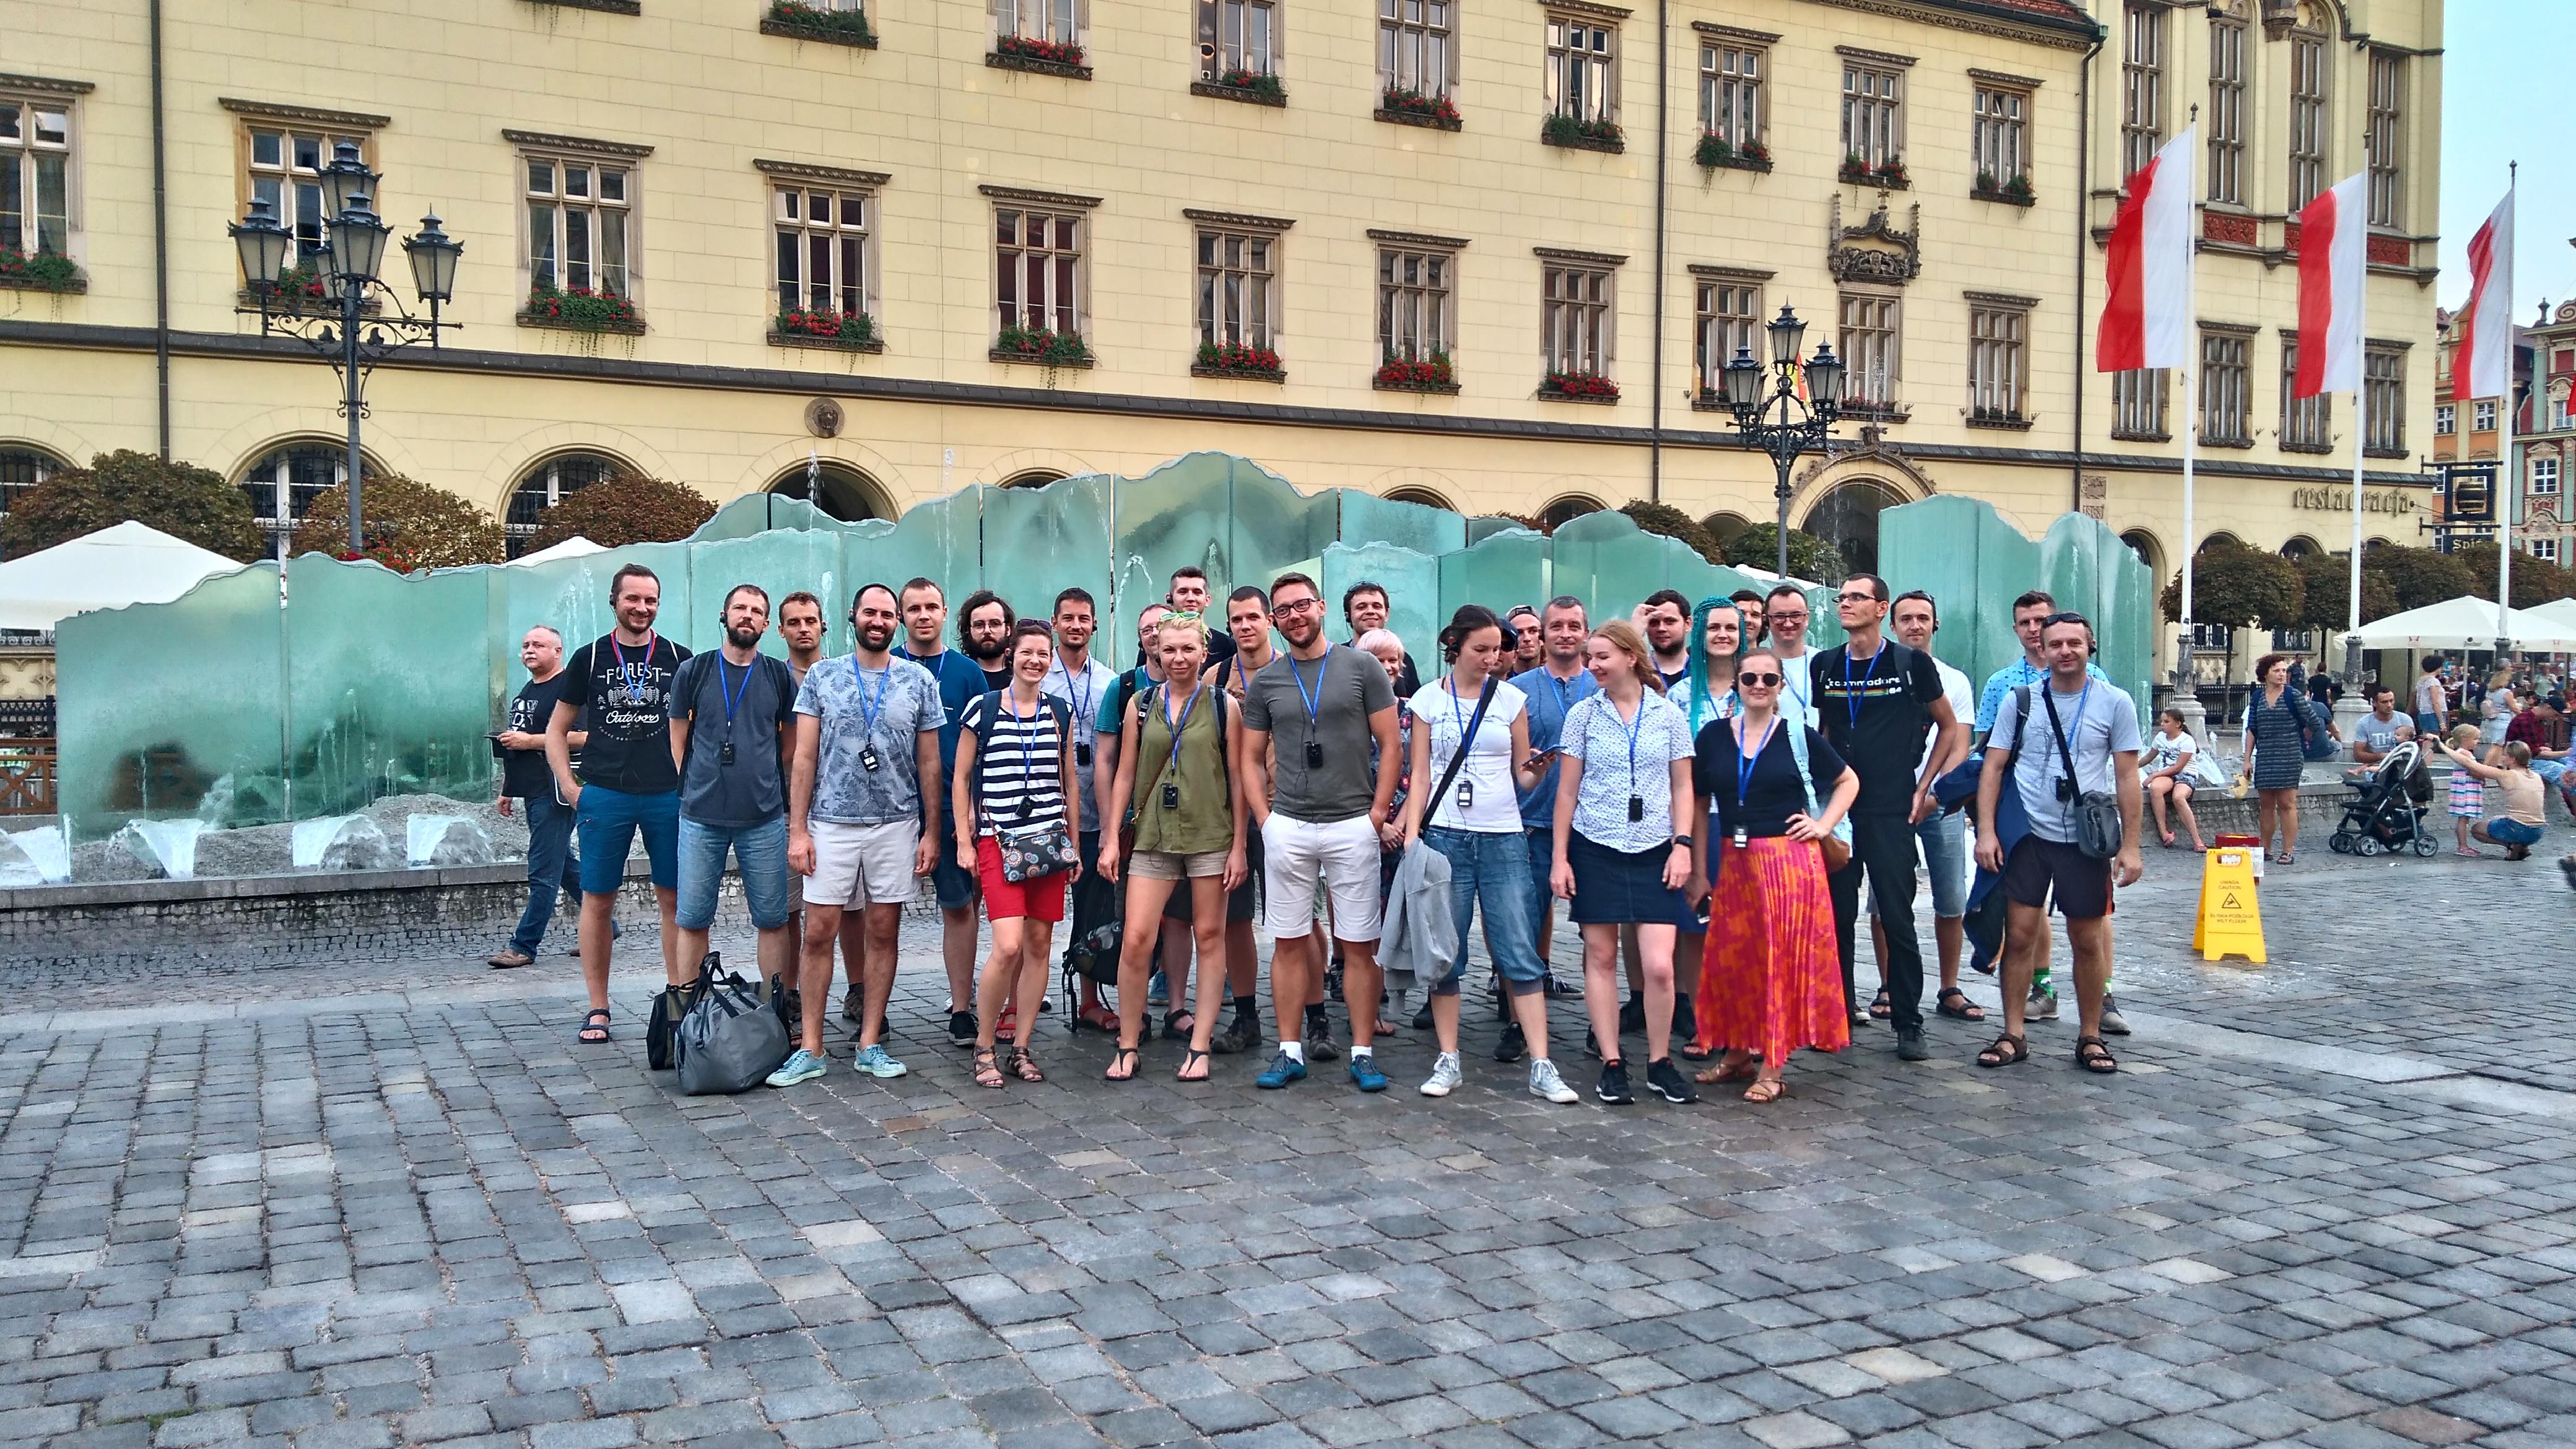 Zespół SoftwareMill na wyjeździe integracyjnym we Wrocławiu (fot. SoftwareMill)